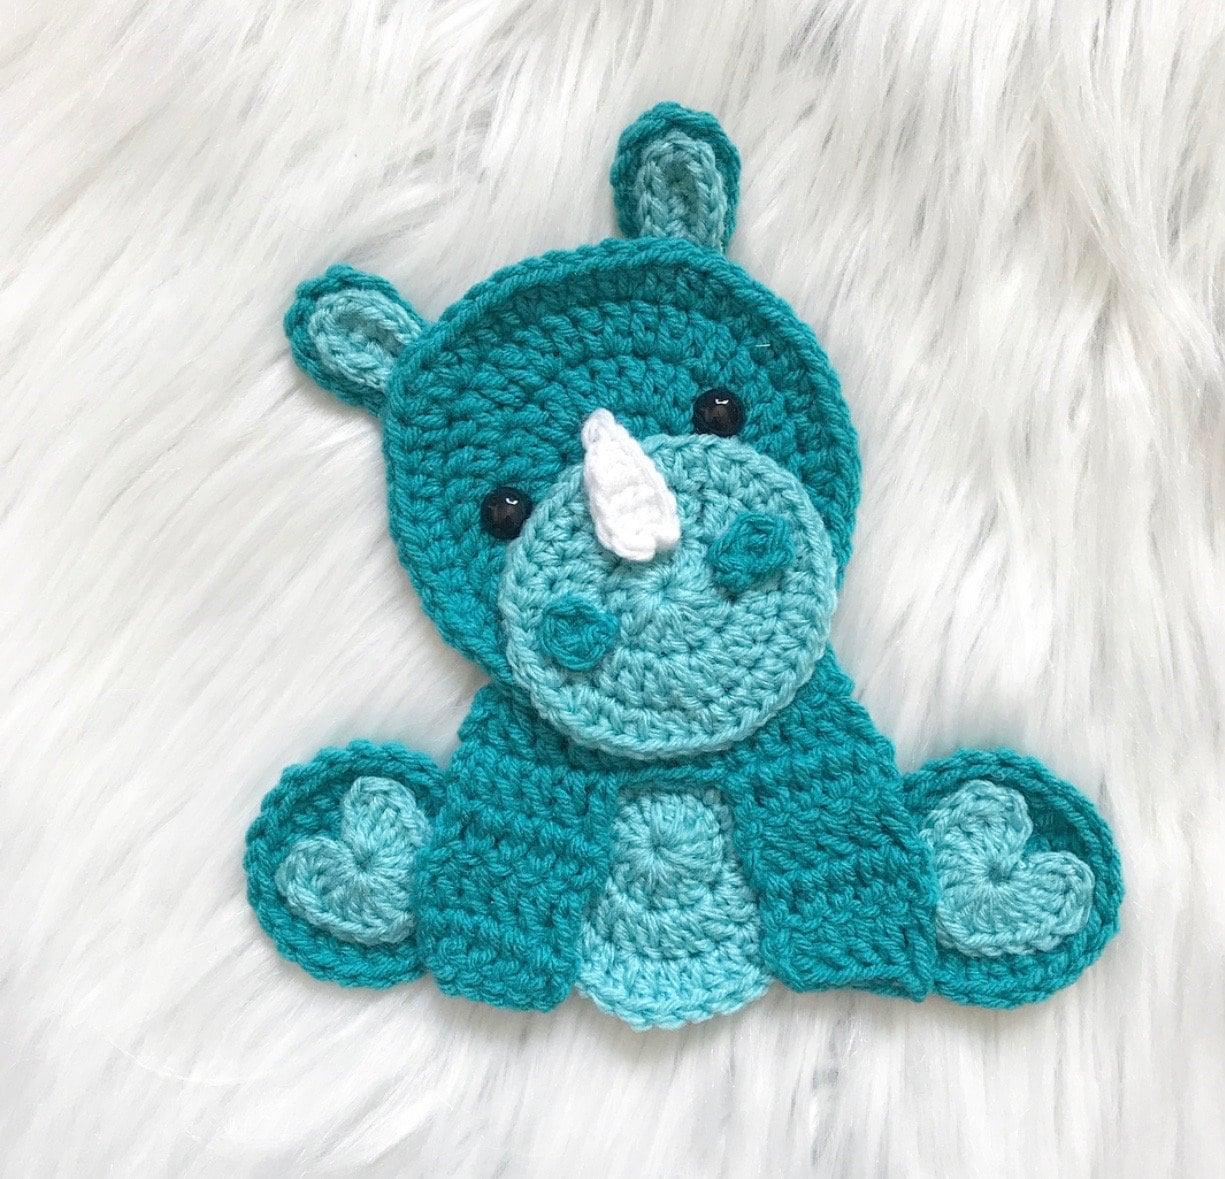 Elephant Applique Free Crochet Pattern | Free Crochet Patterns | 1179x1225